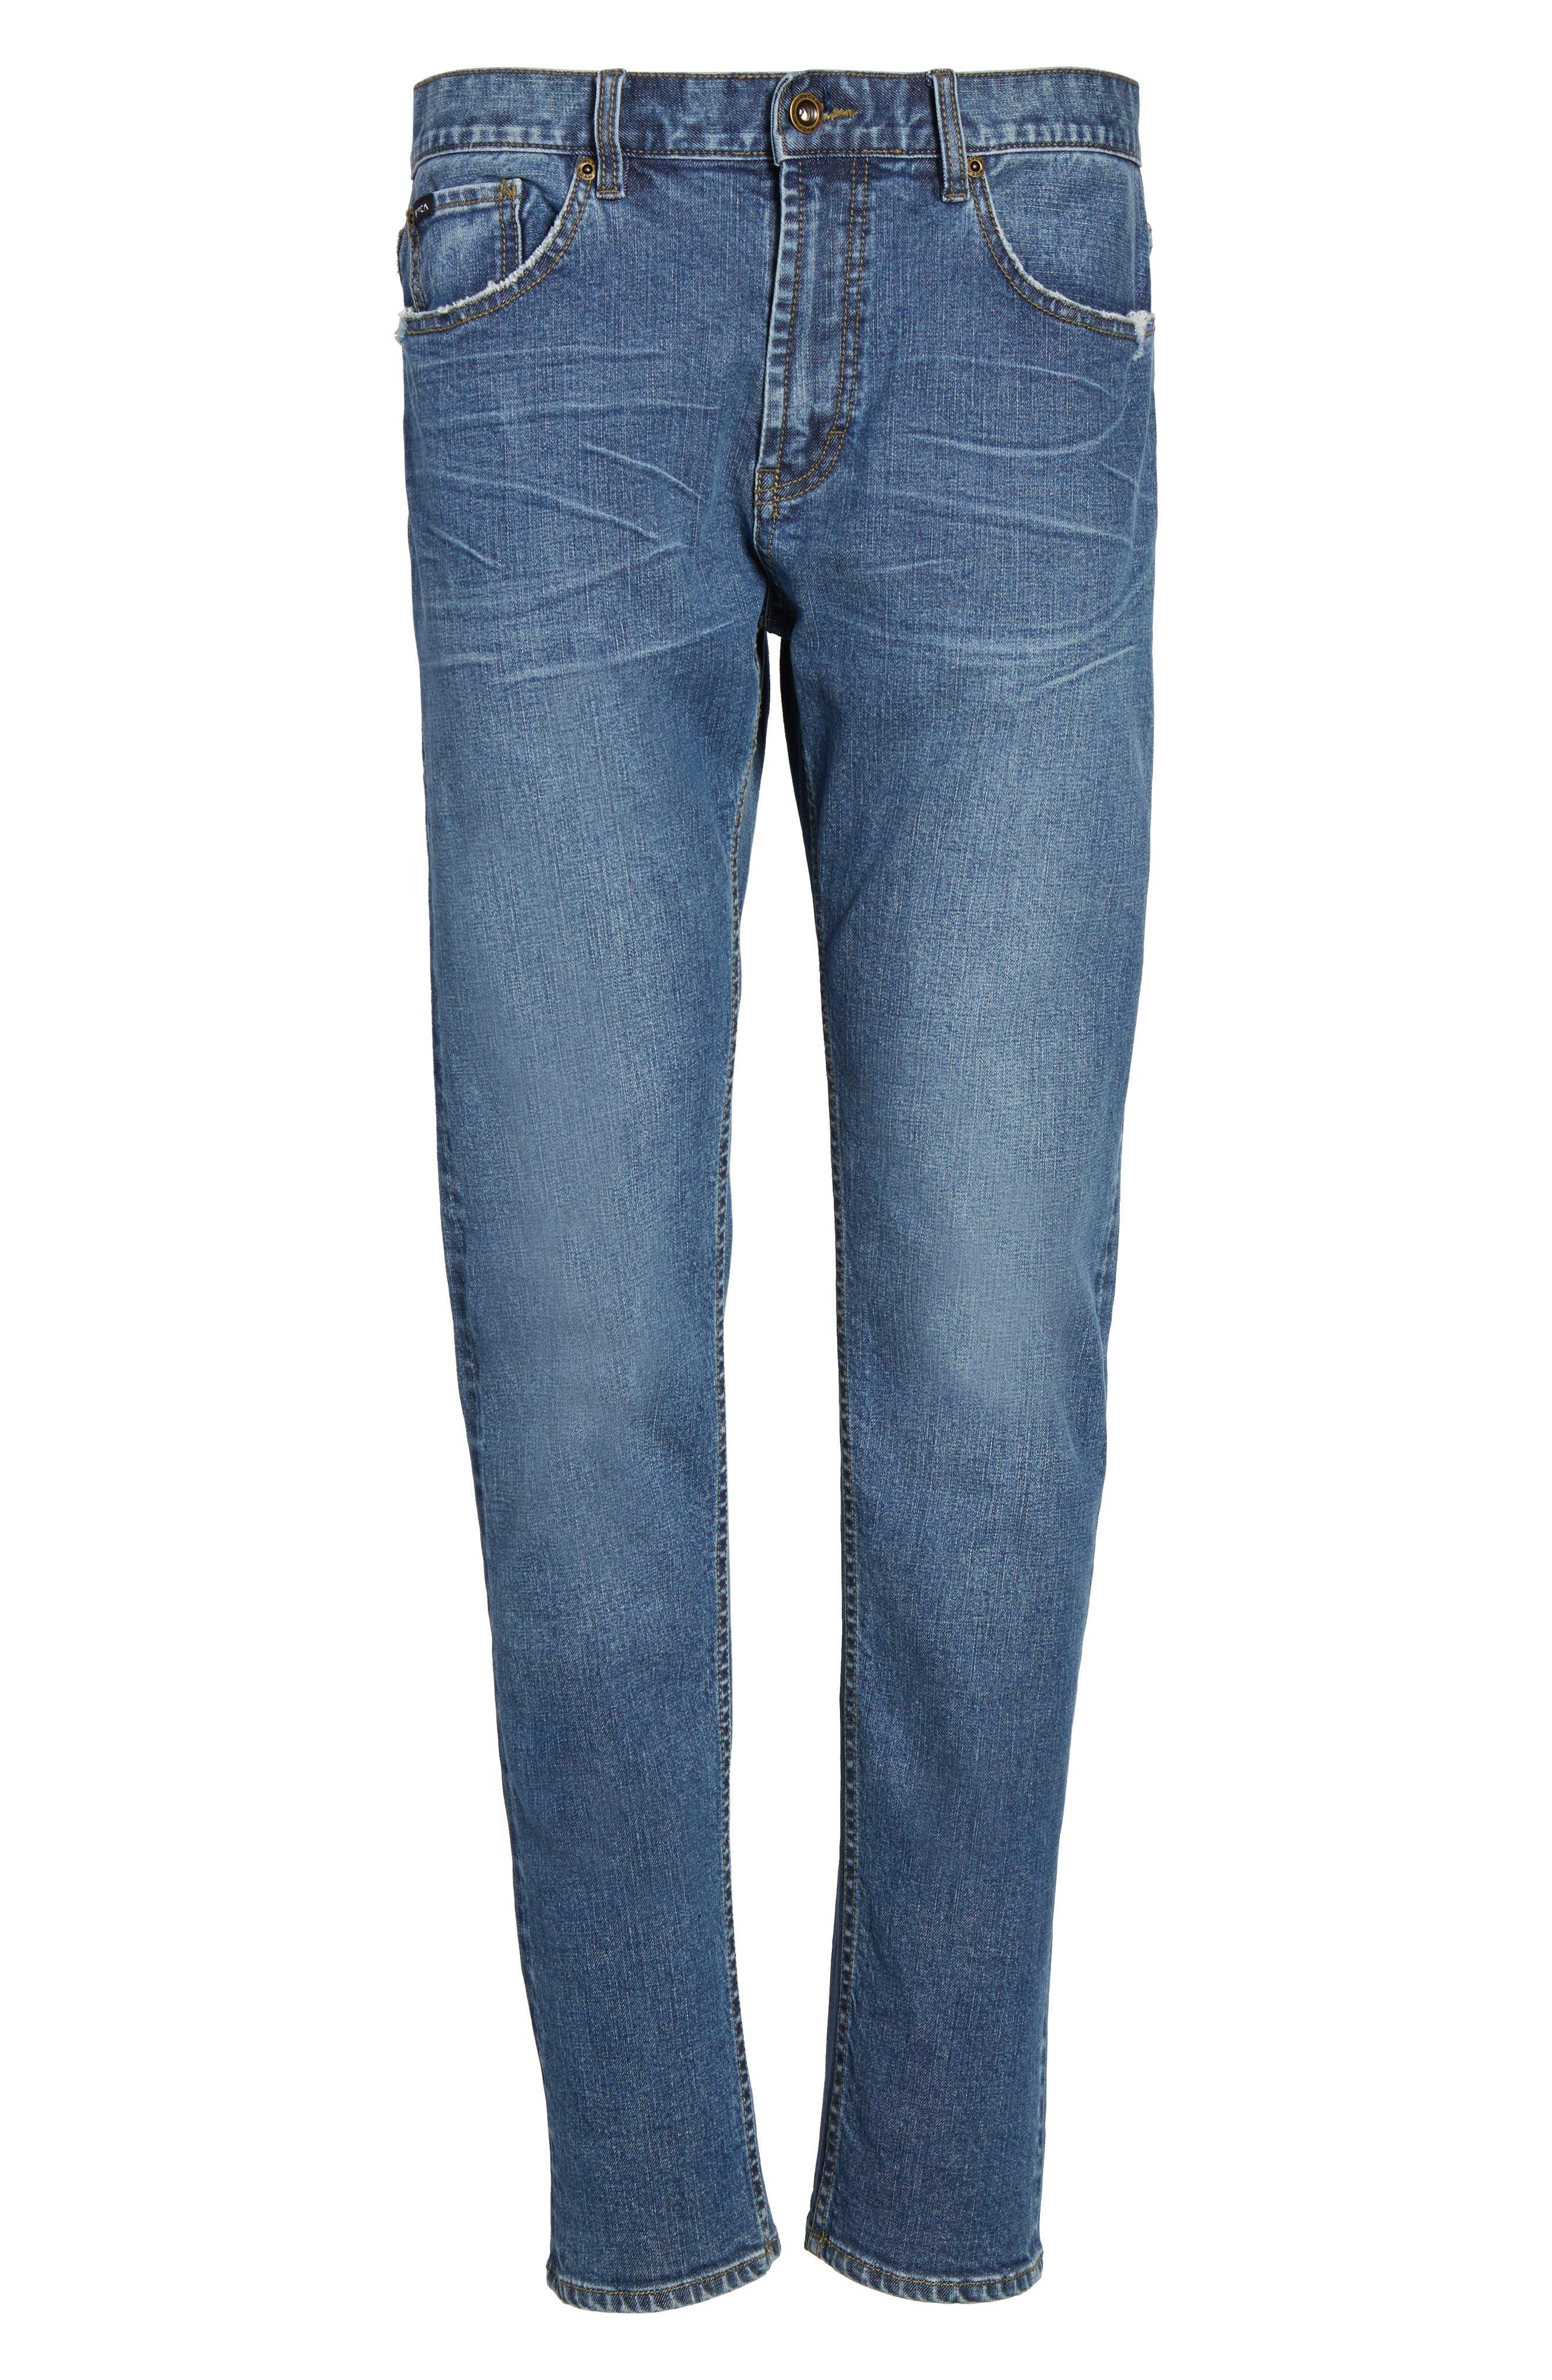 Daggers Slim Fit Jeans,                             Alternate thumbnail 12, color,